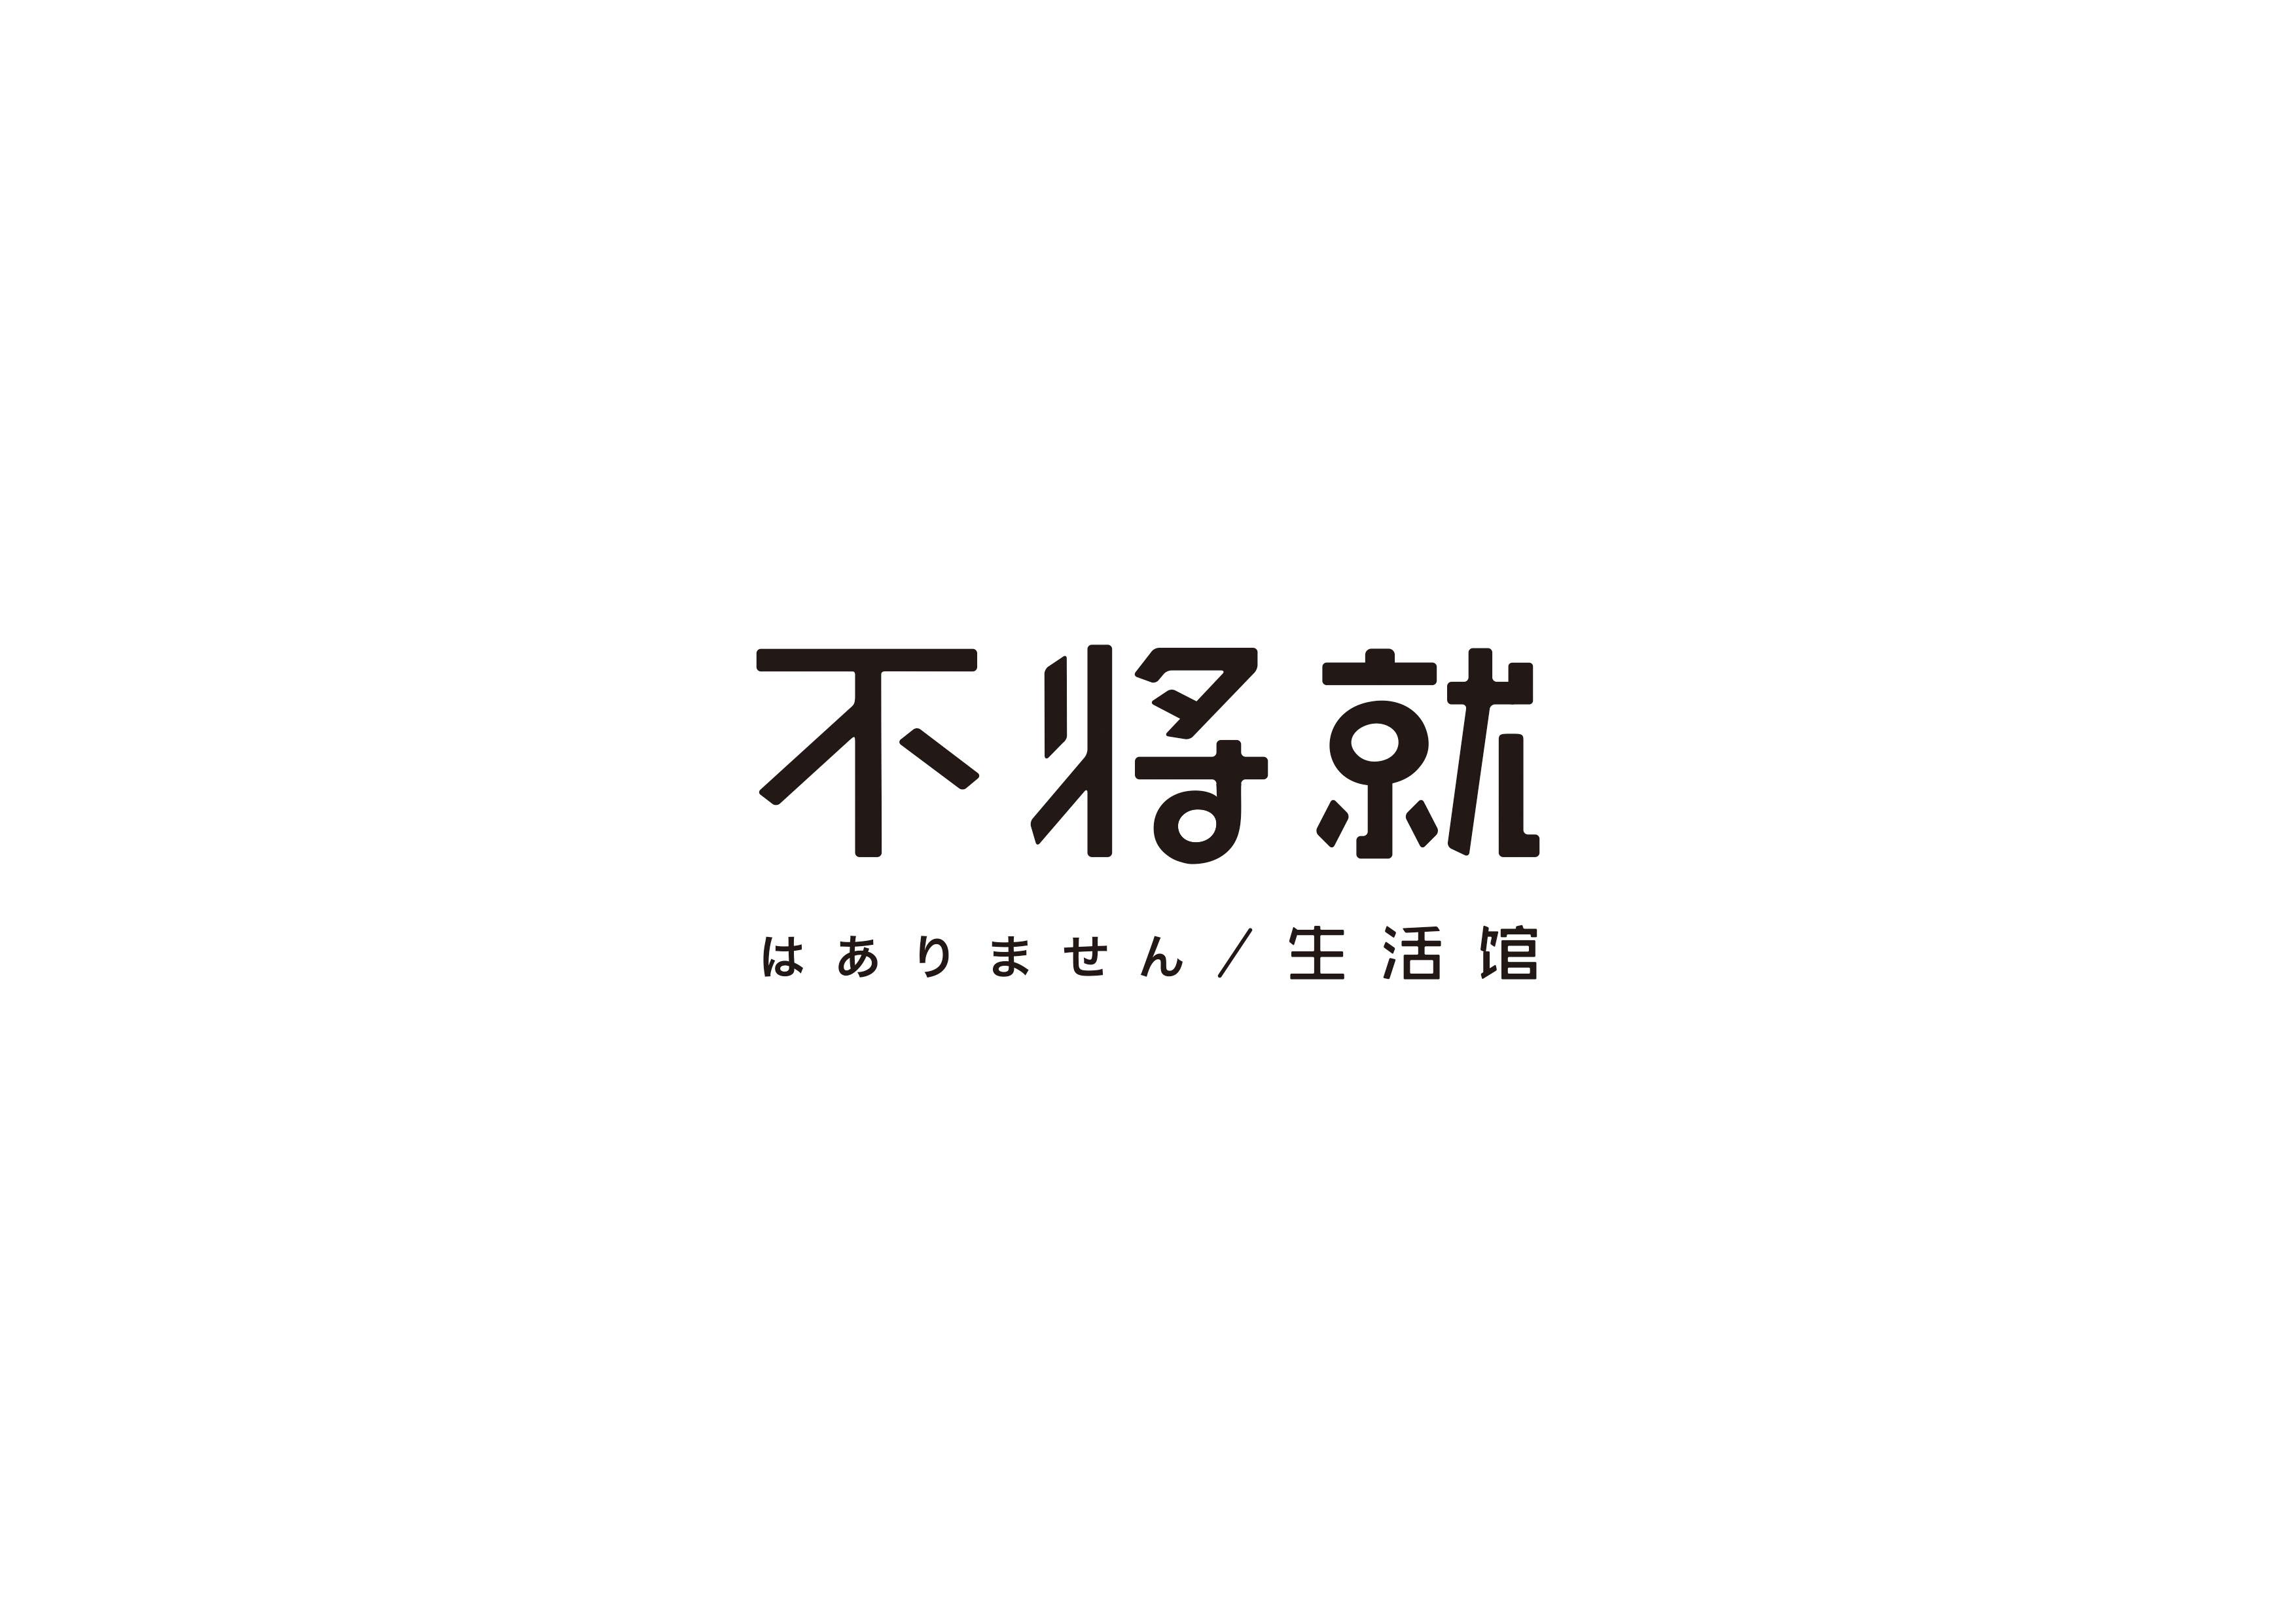 不将就生活馆 品牌设计 平面 标志 吴小灰 - 原创作品